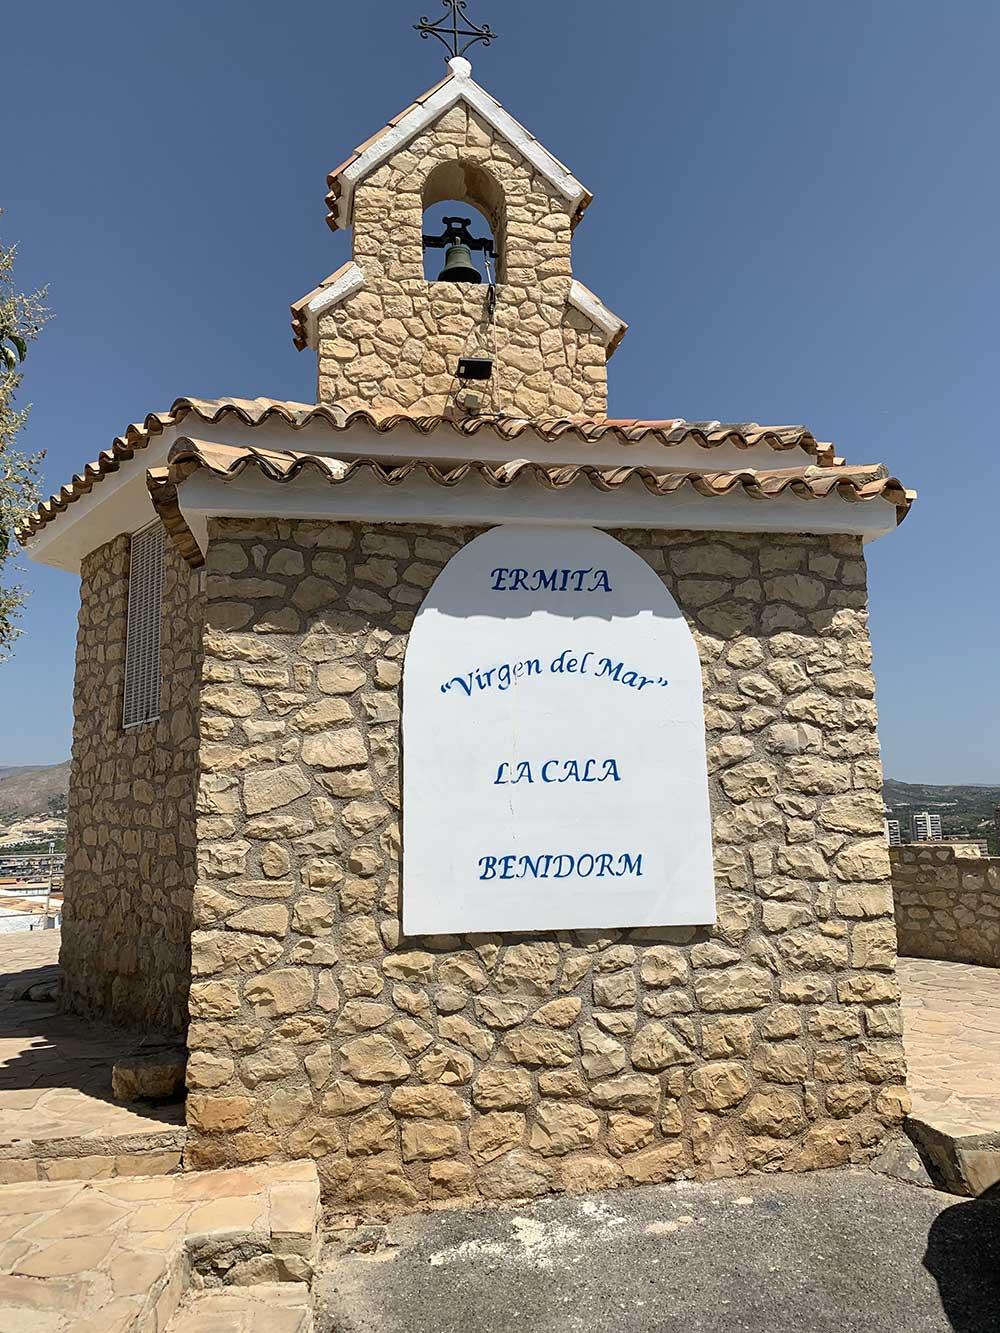 Qué ver y hacer en Bernidorm - Ermita Virgen del Mar